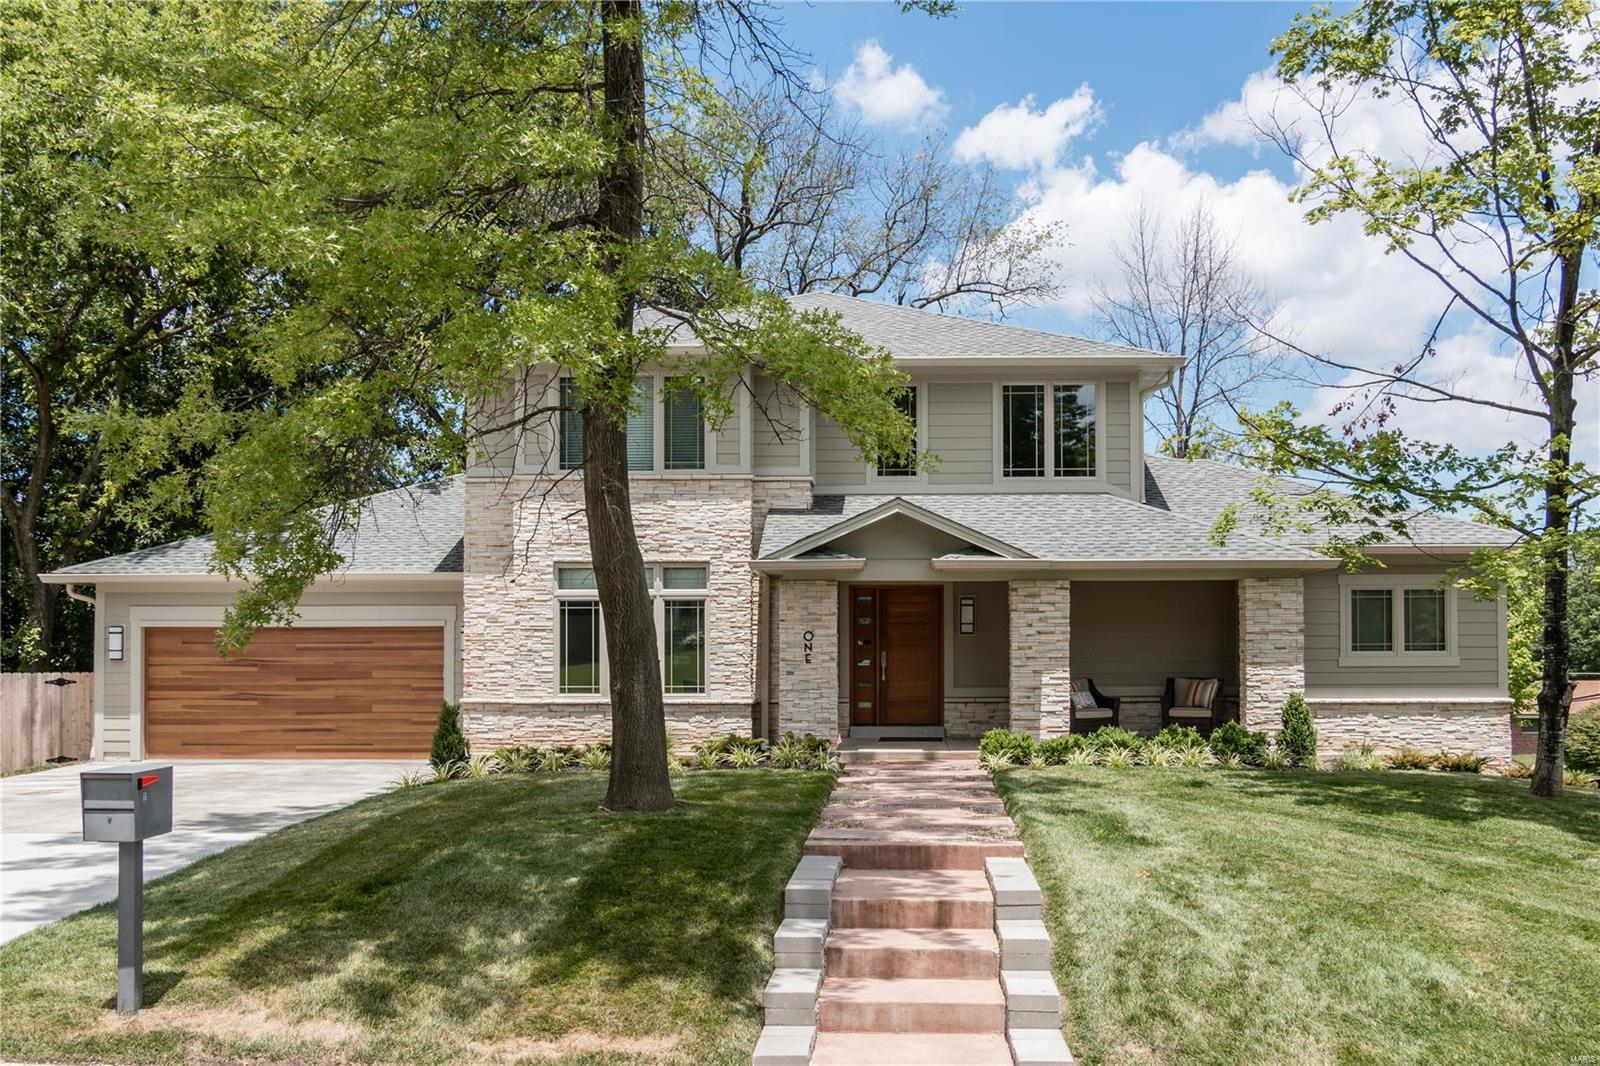 764 Elkington Property Photo - Olivette, MO real estate listing